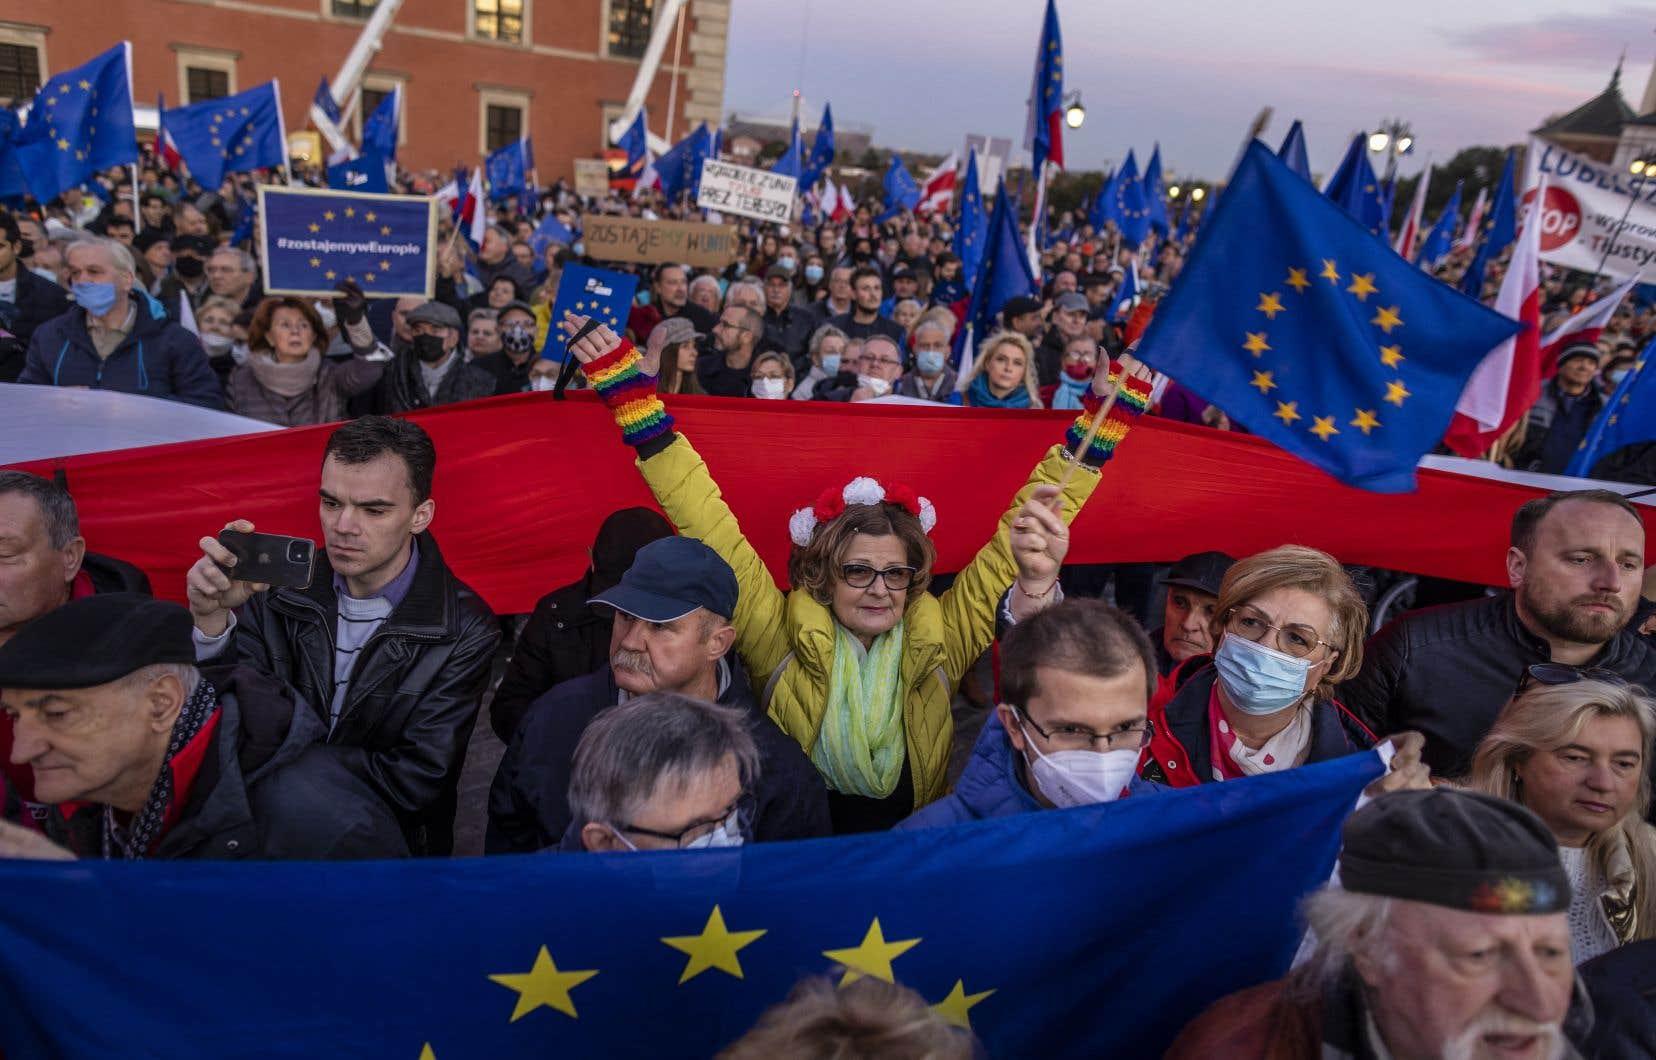 Une foule immense munie de drapeaux bleus européens a envahit la capitale polonaise, dimanche soir.